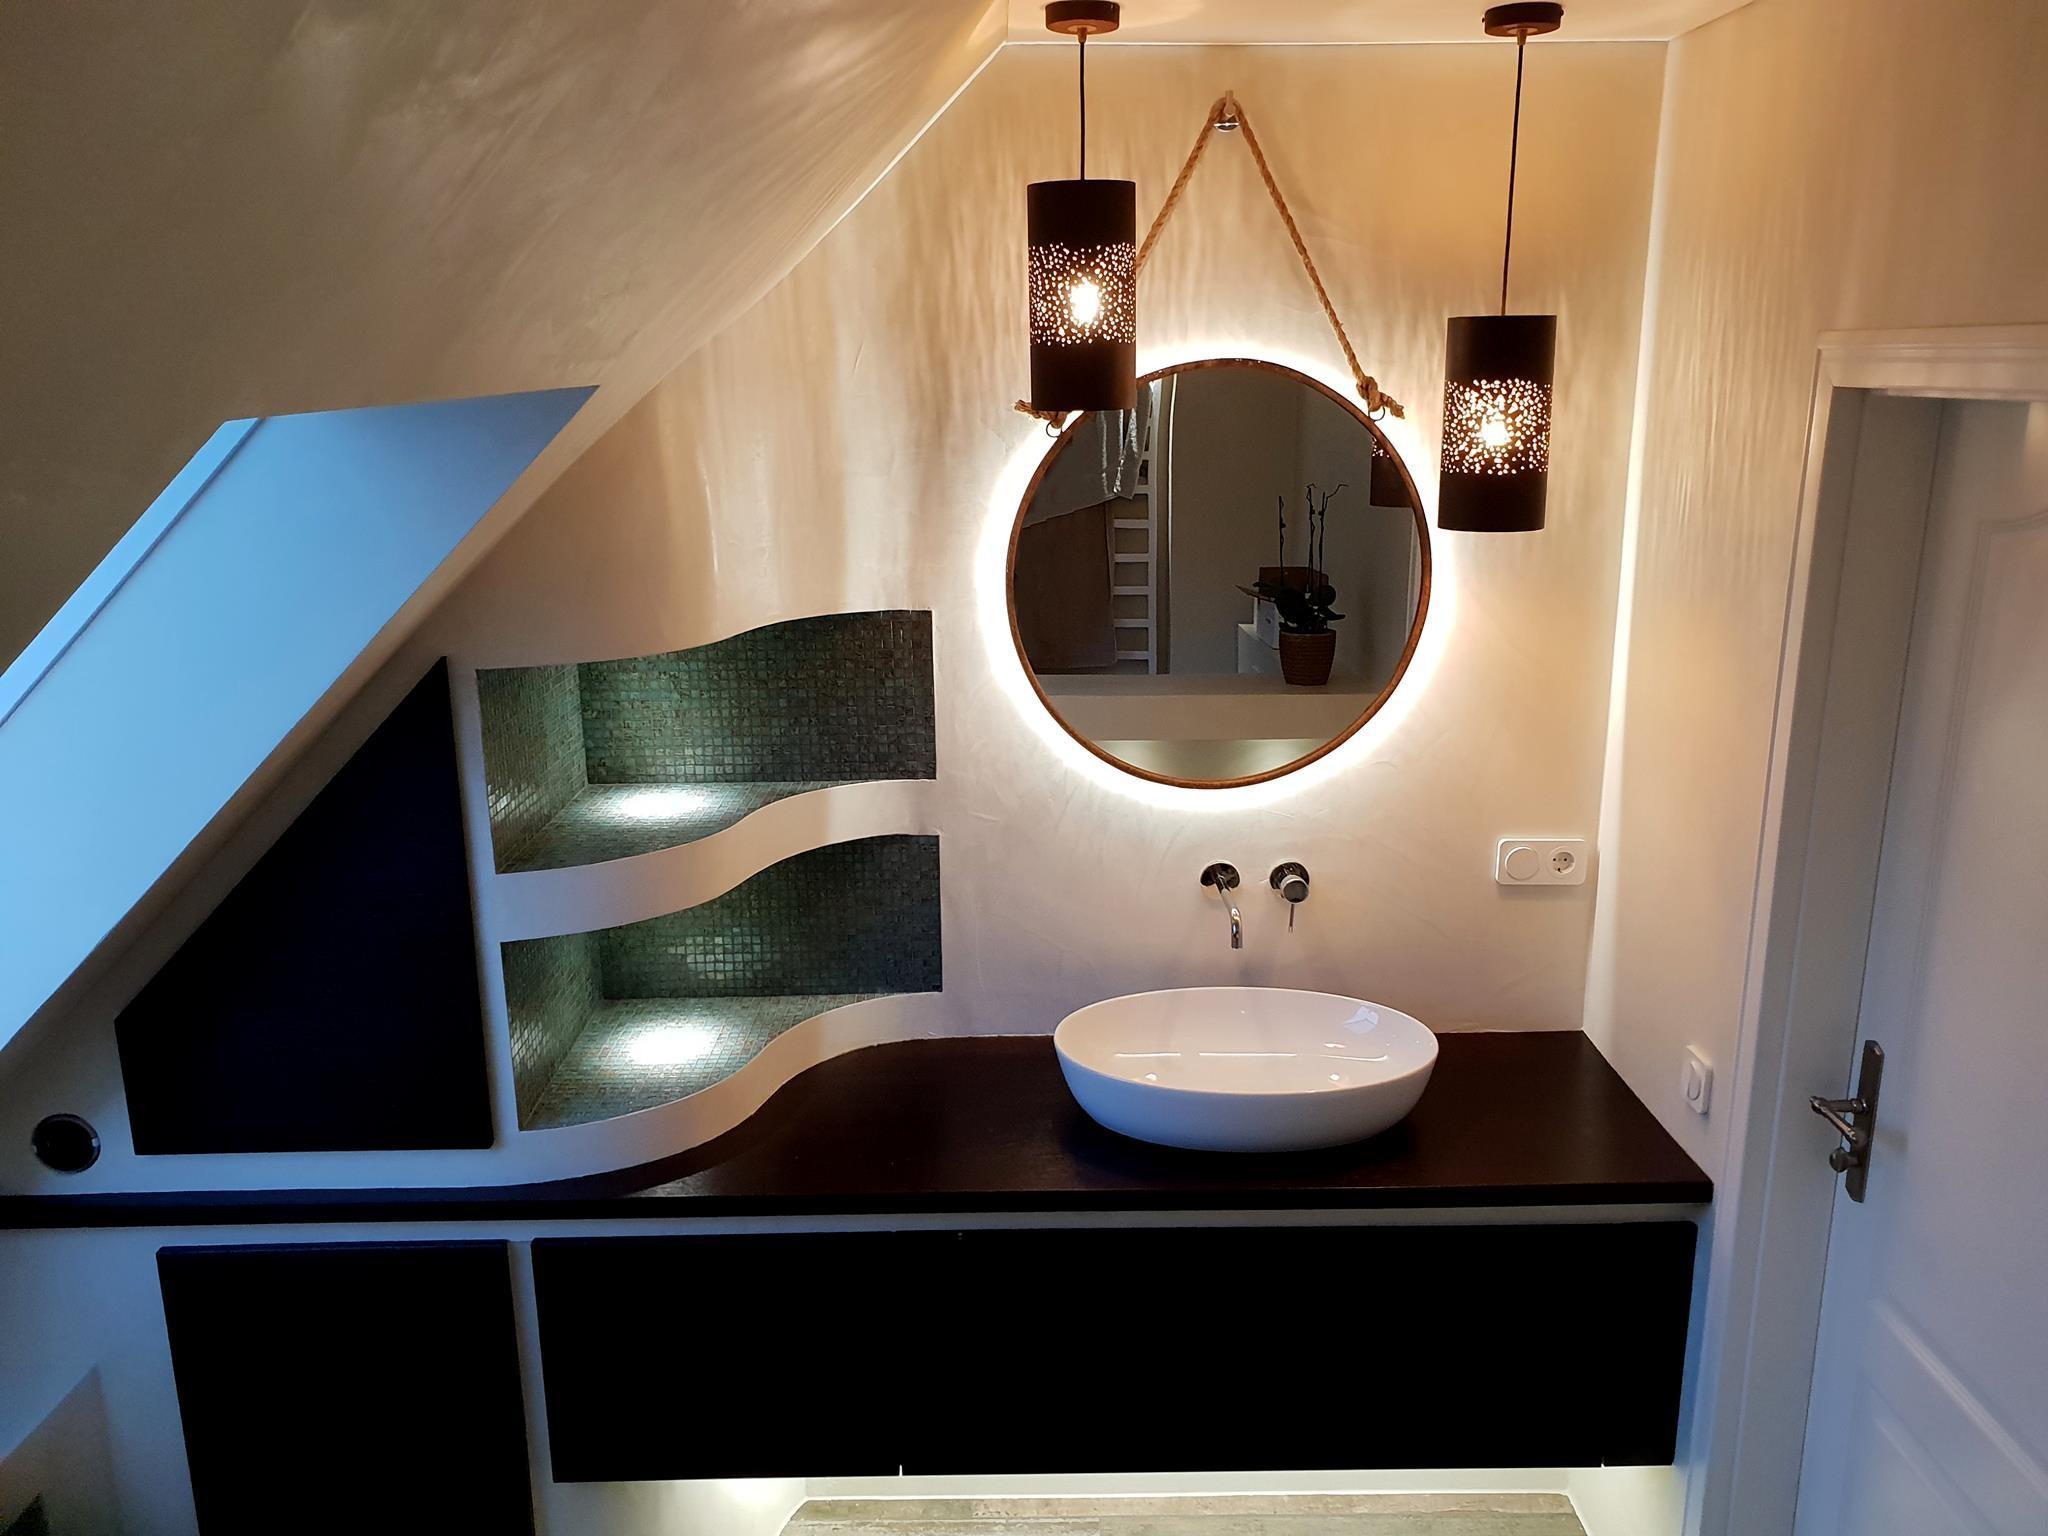 fugenlosesbad orientalisch badezimmerdesign bade...